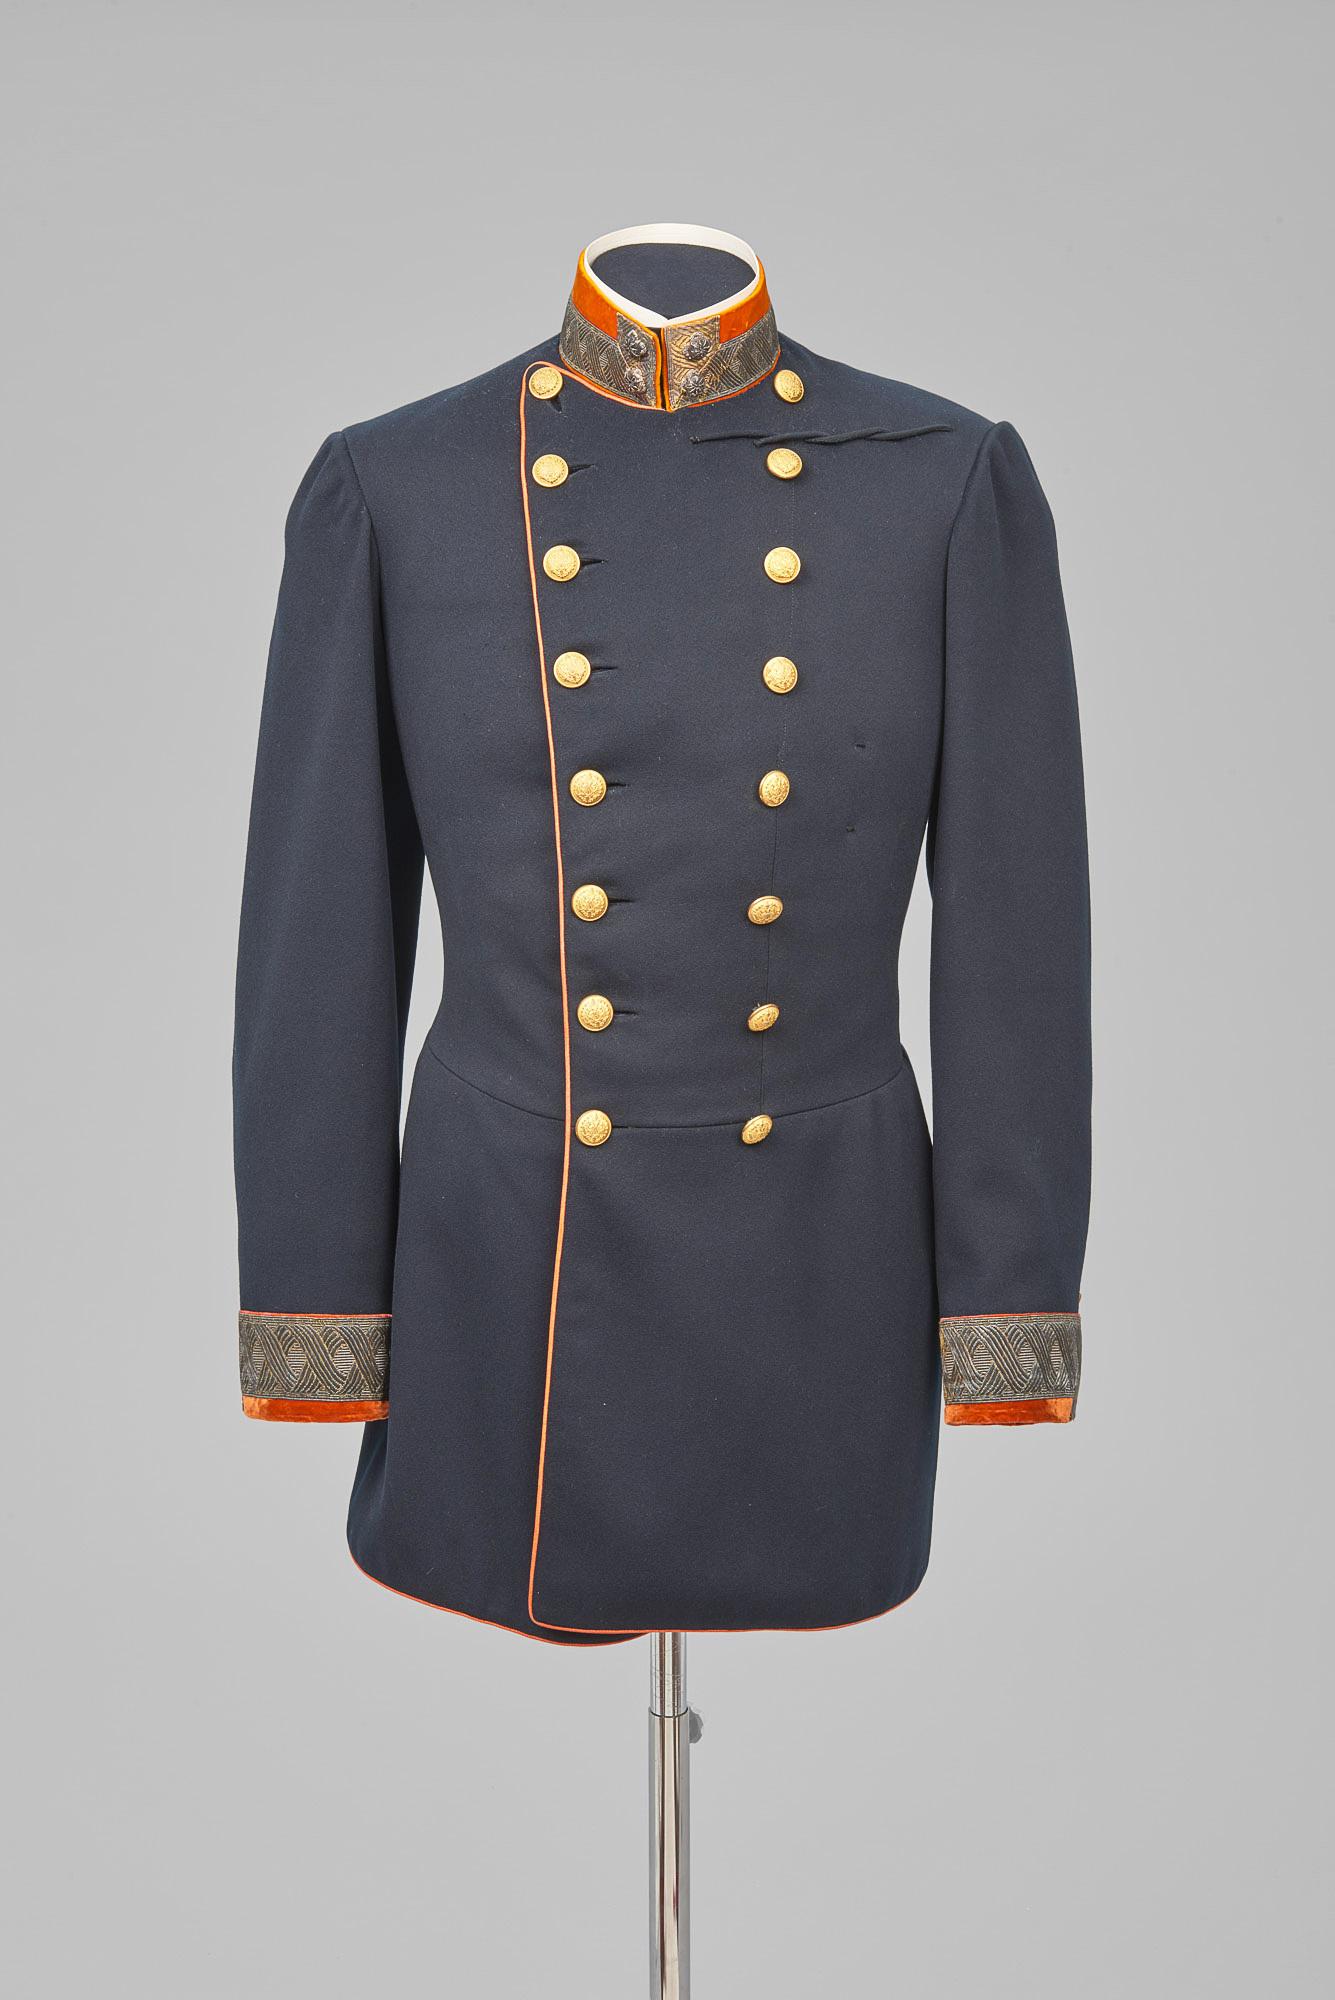 Rock von der Gala-Uniform eines Sektionschefs im Handelsministerium